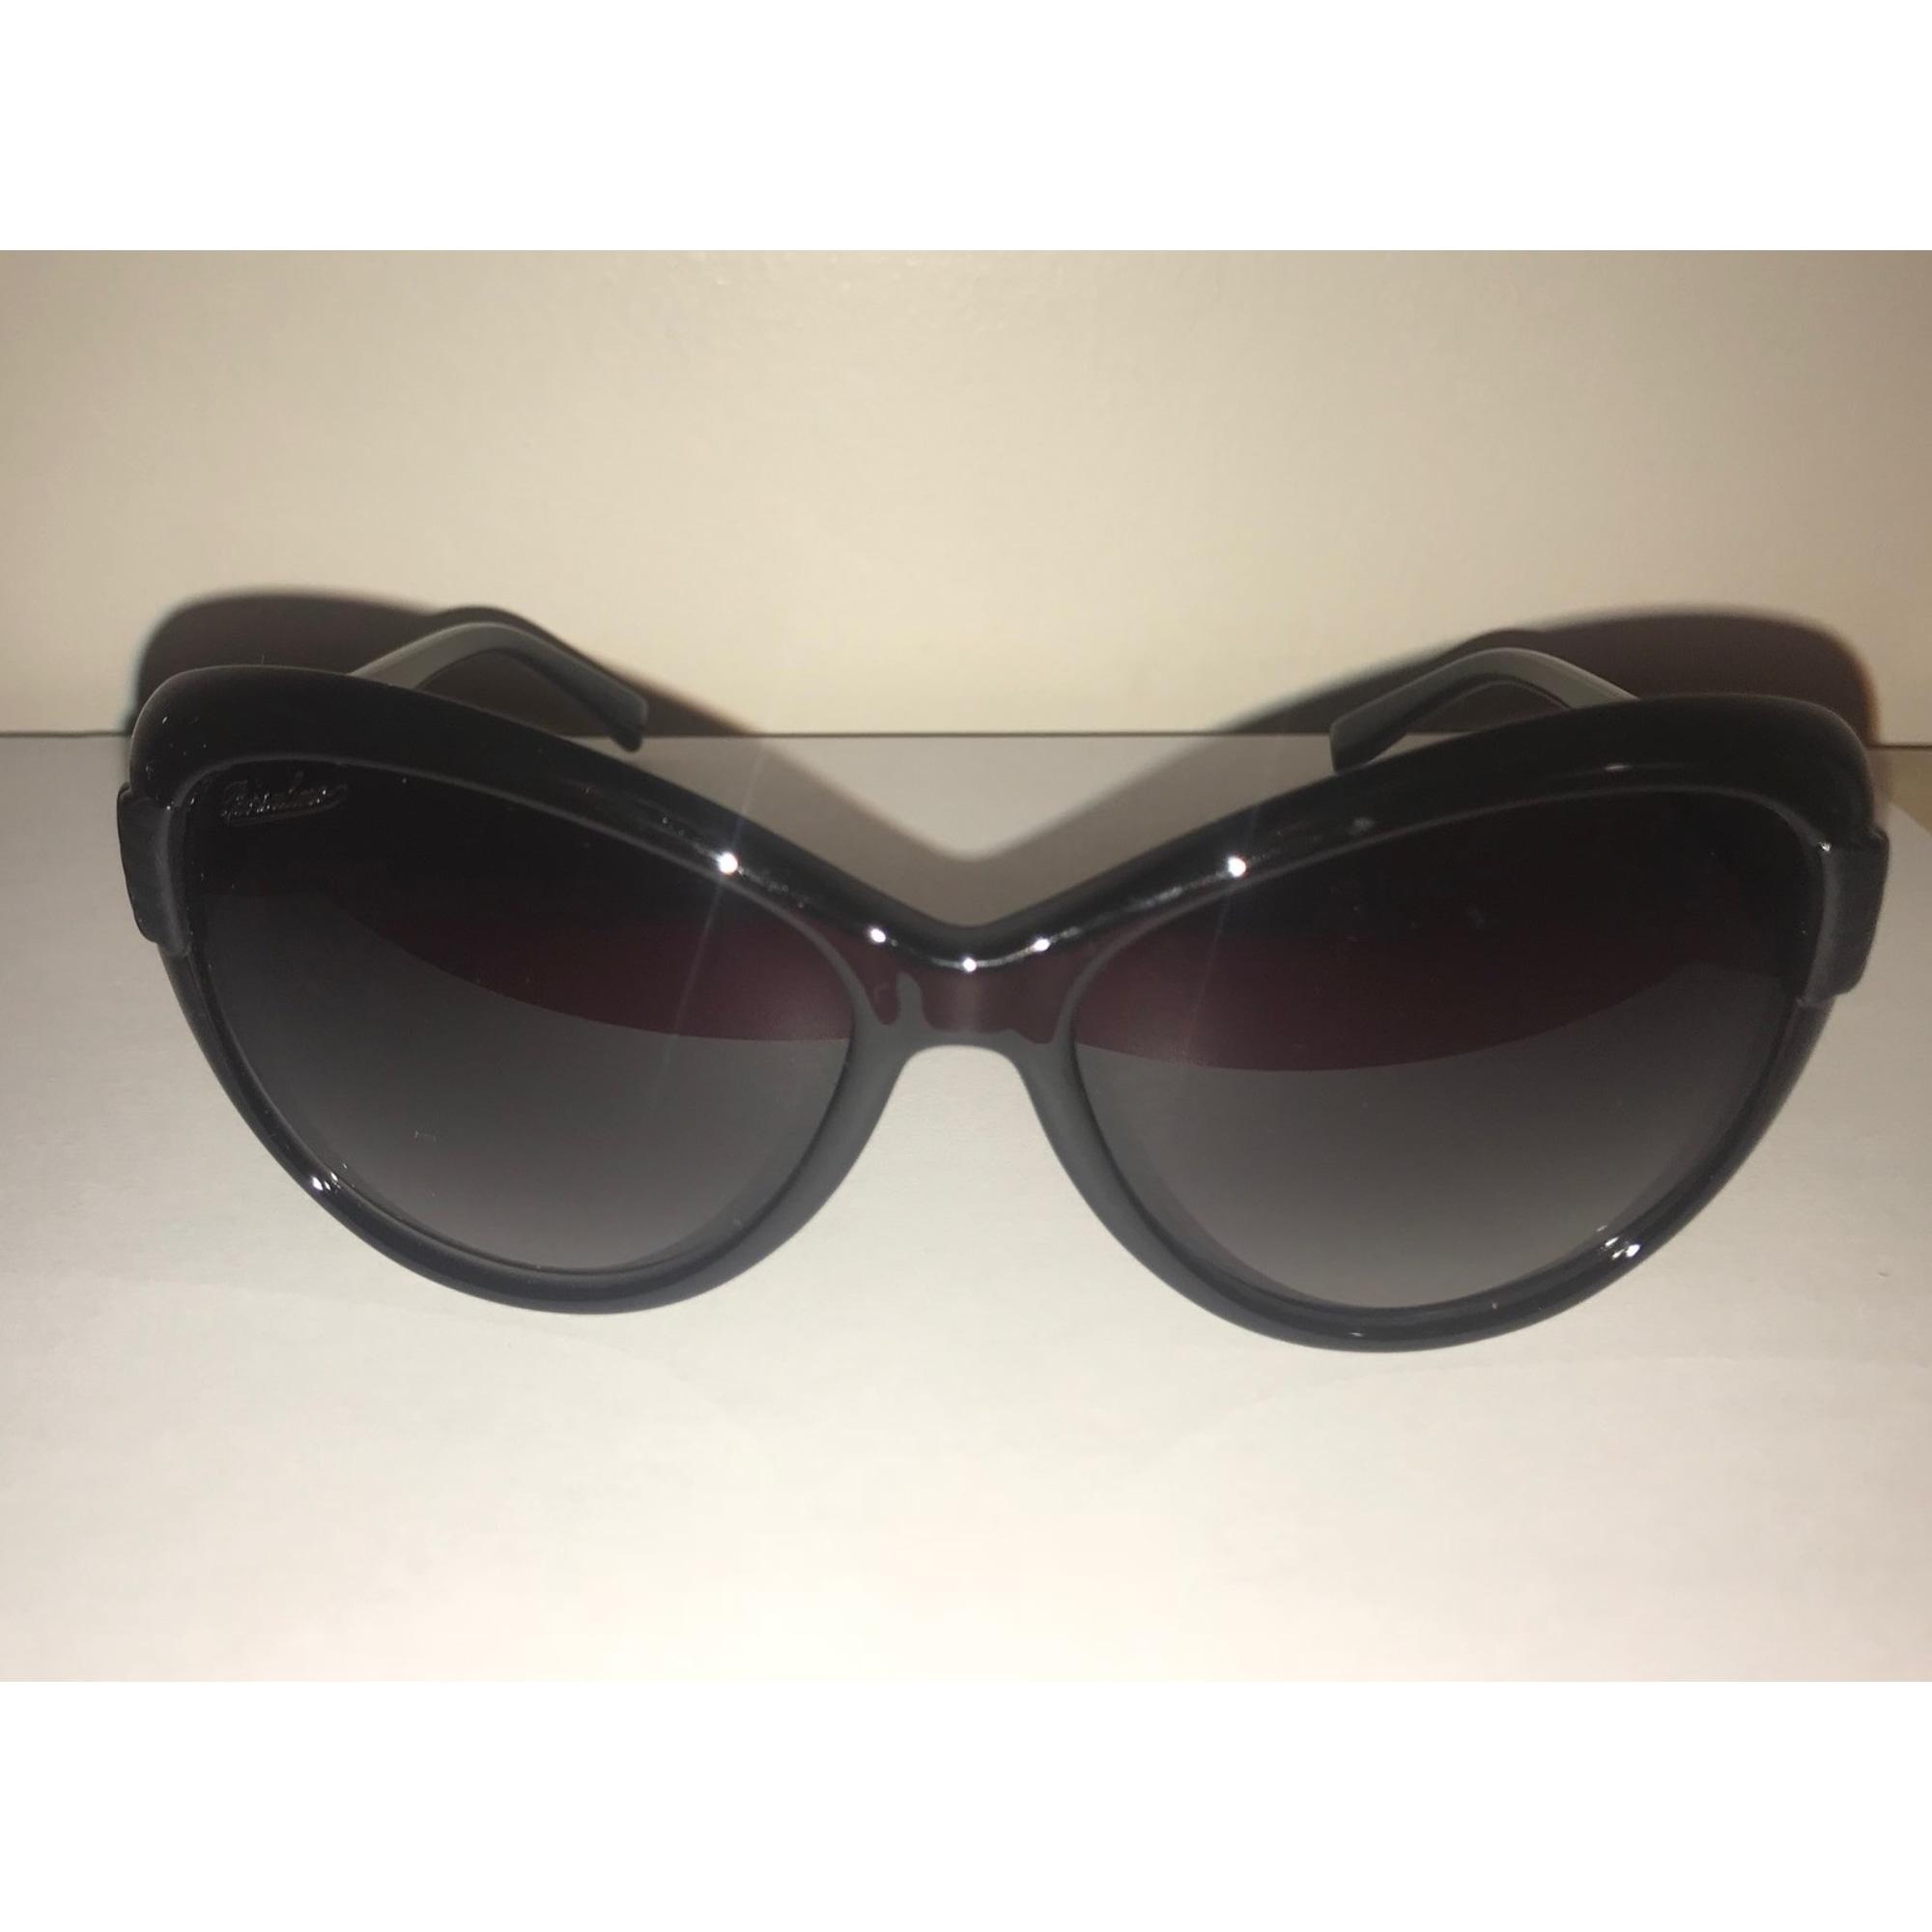 0d7c63ffb3fe9d Lunettes de soleil BORSALINO noir - 8307416